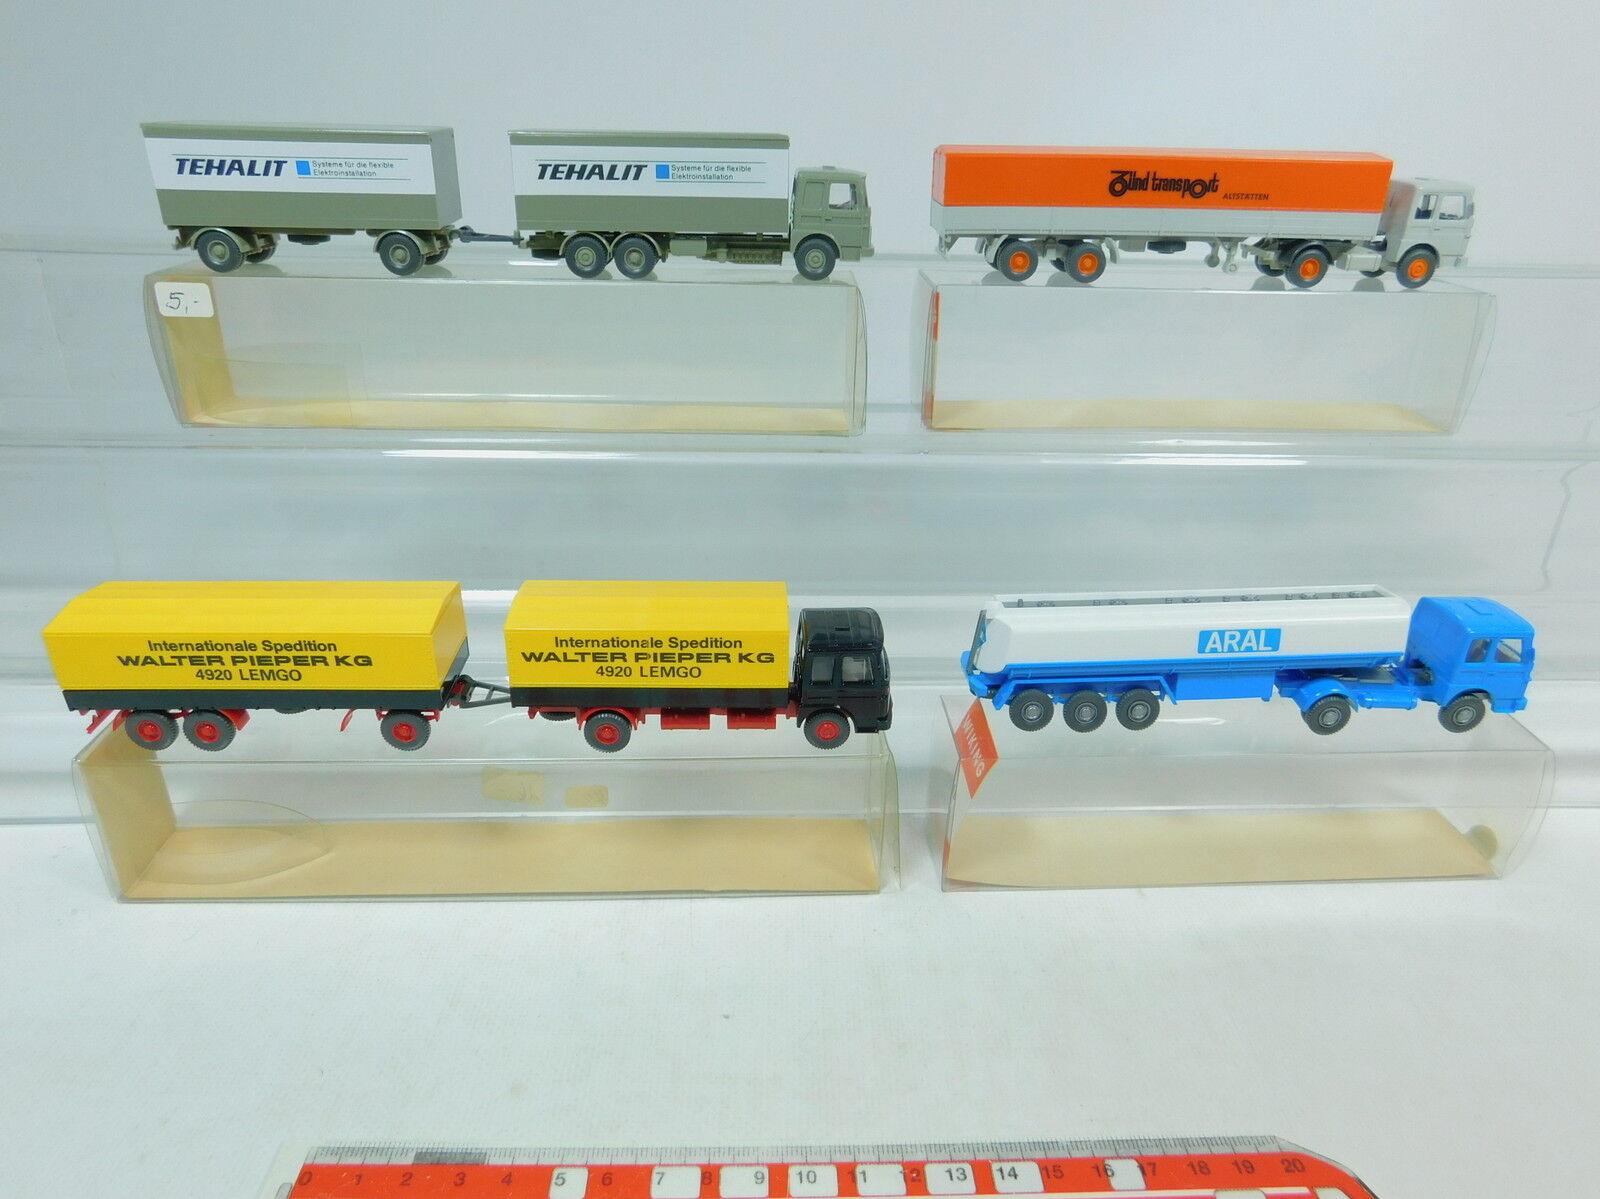 AV161-0,5  4x Wiking H0 LKW MAN  517 Zünd+801 Aral+471 Tehalit+421, s.g.+OVP  | Überlegene Qualität